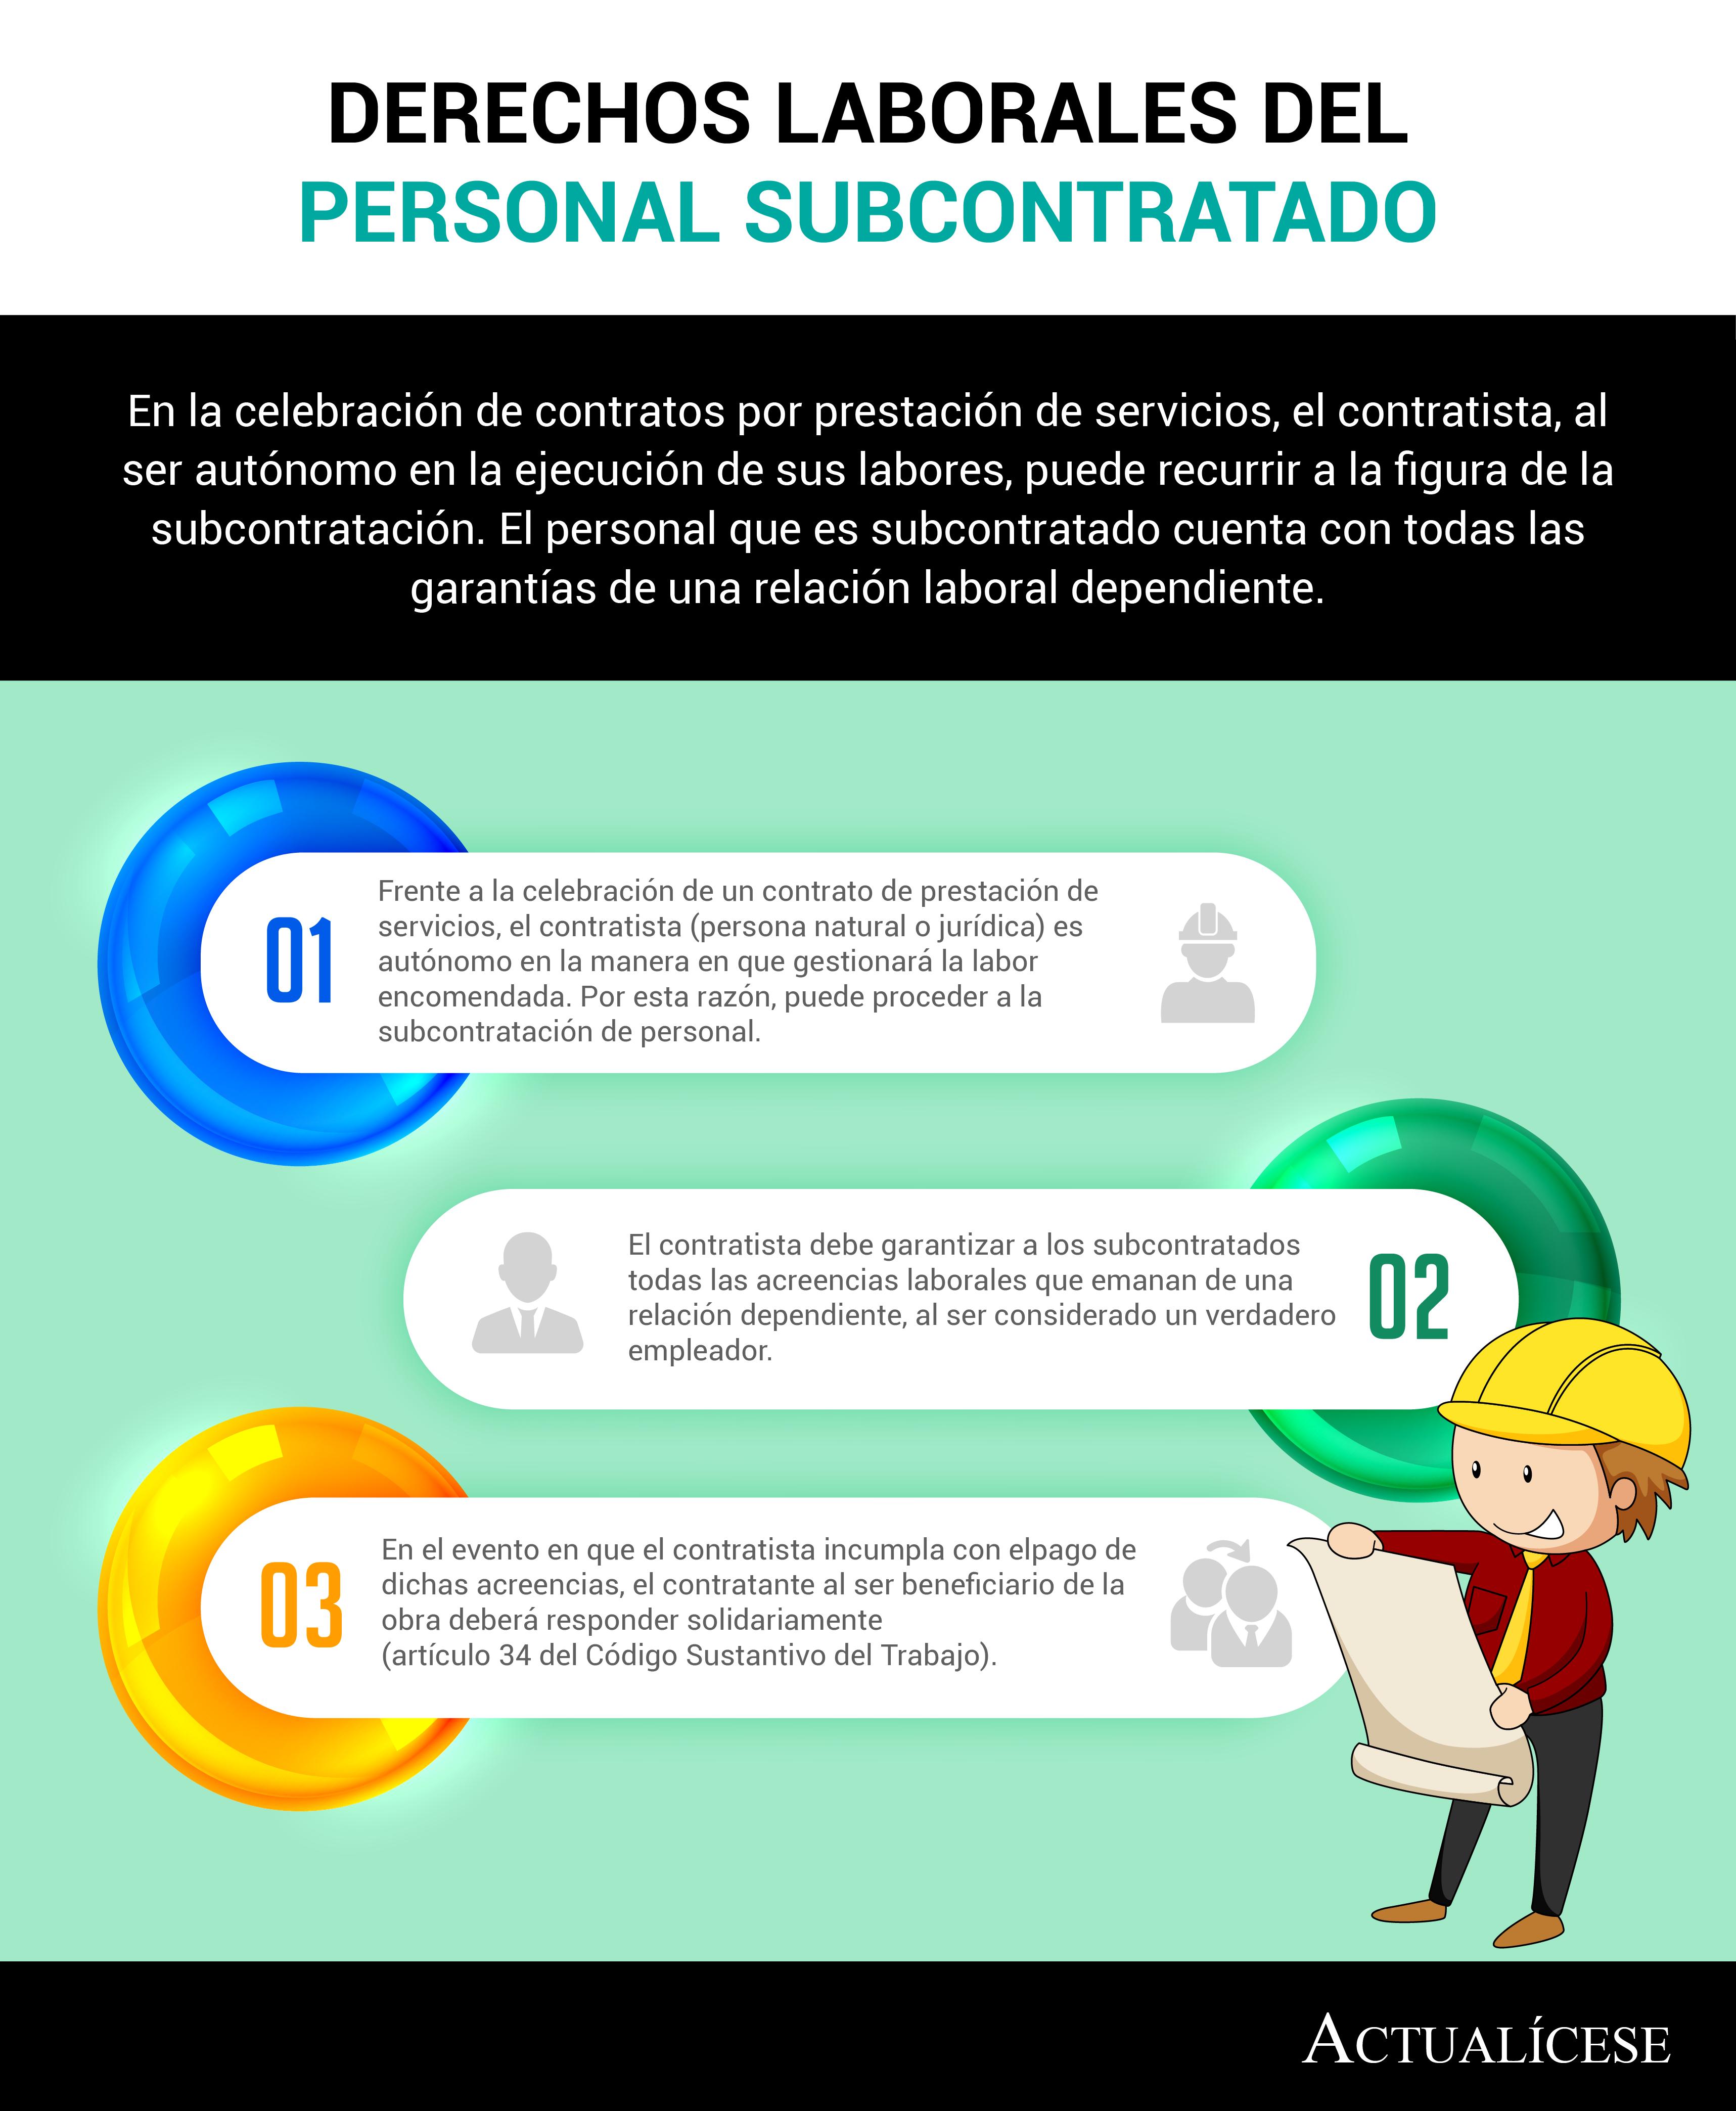 [Infografía] Derechos laborales del personal subcontratado